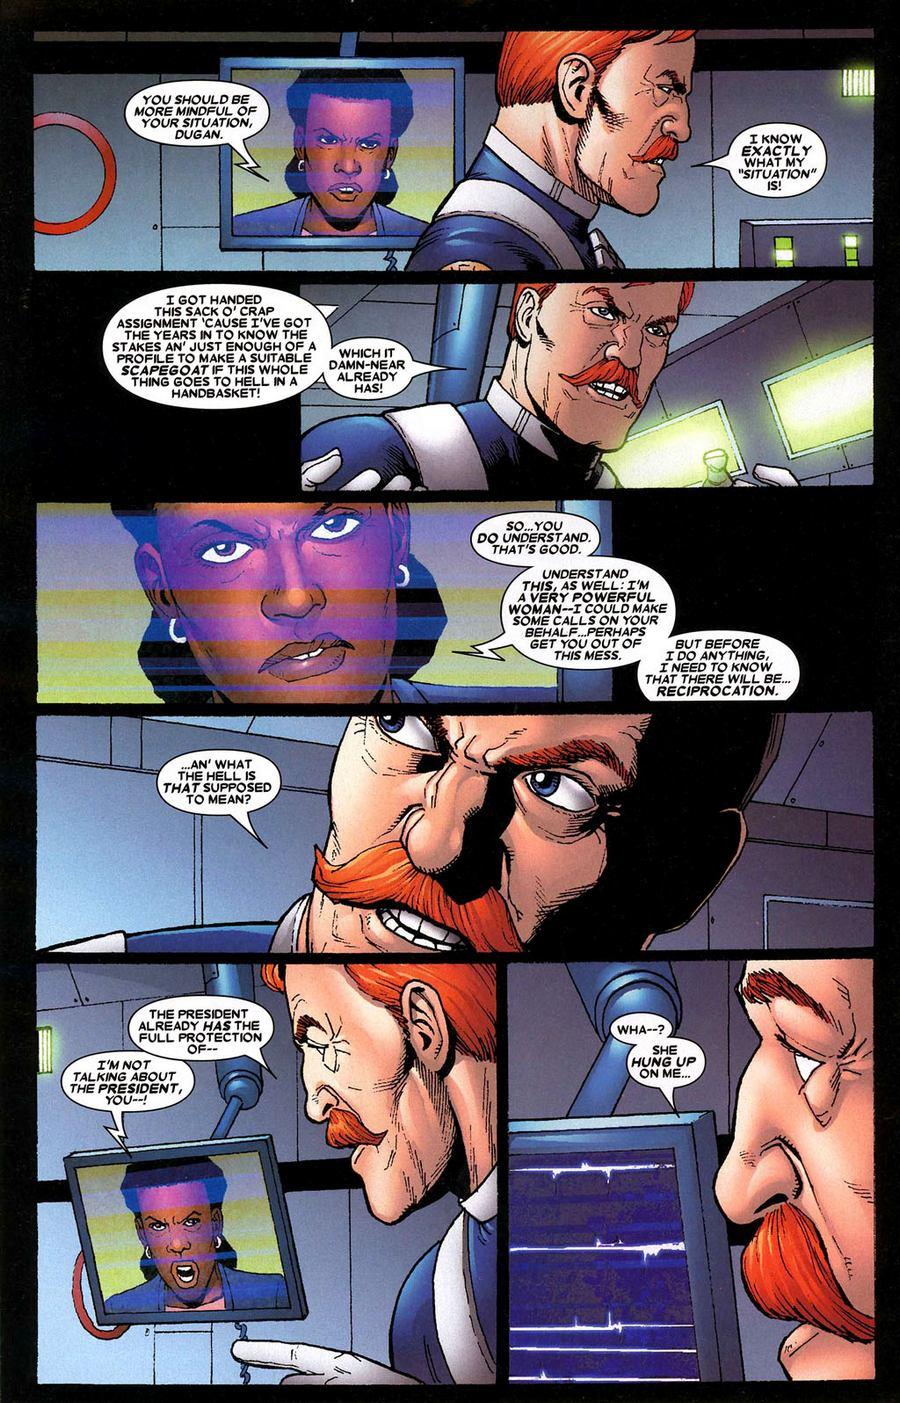 Read online Wolverine: Origins comic -  Issue #1 - 6